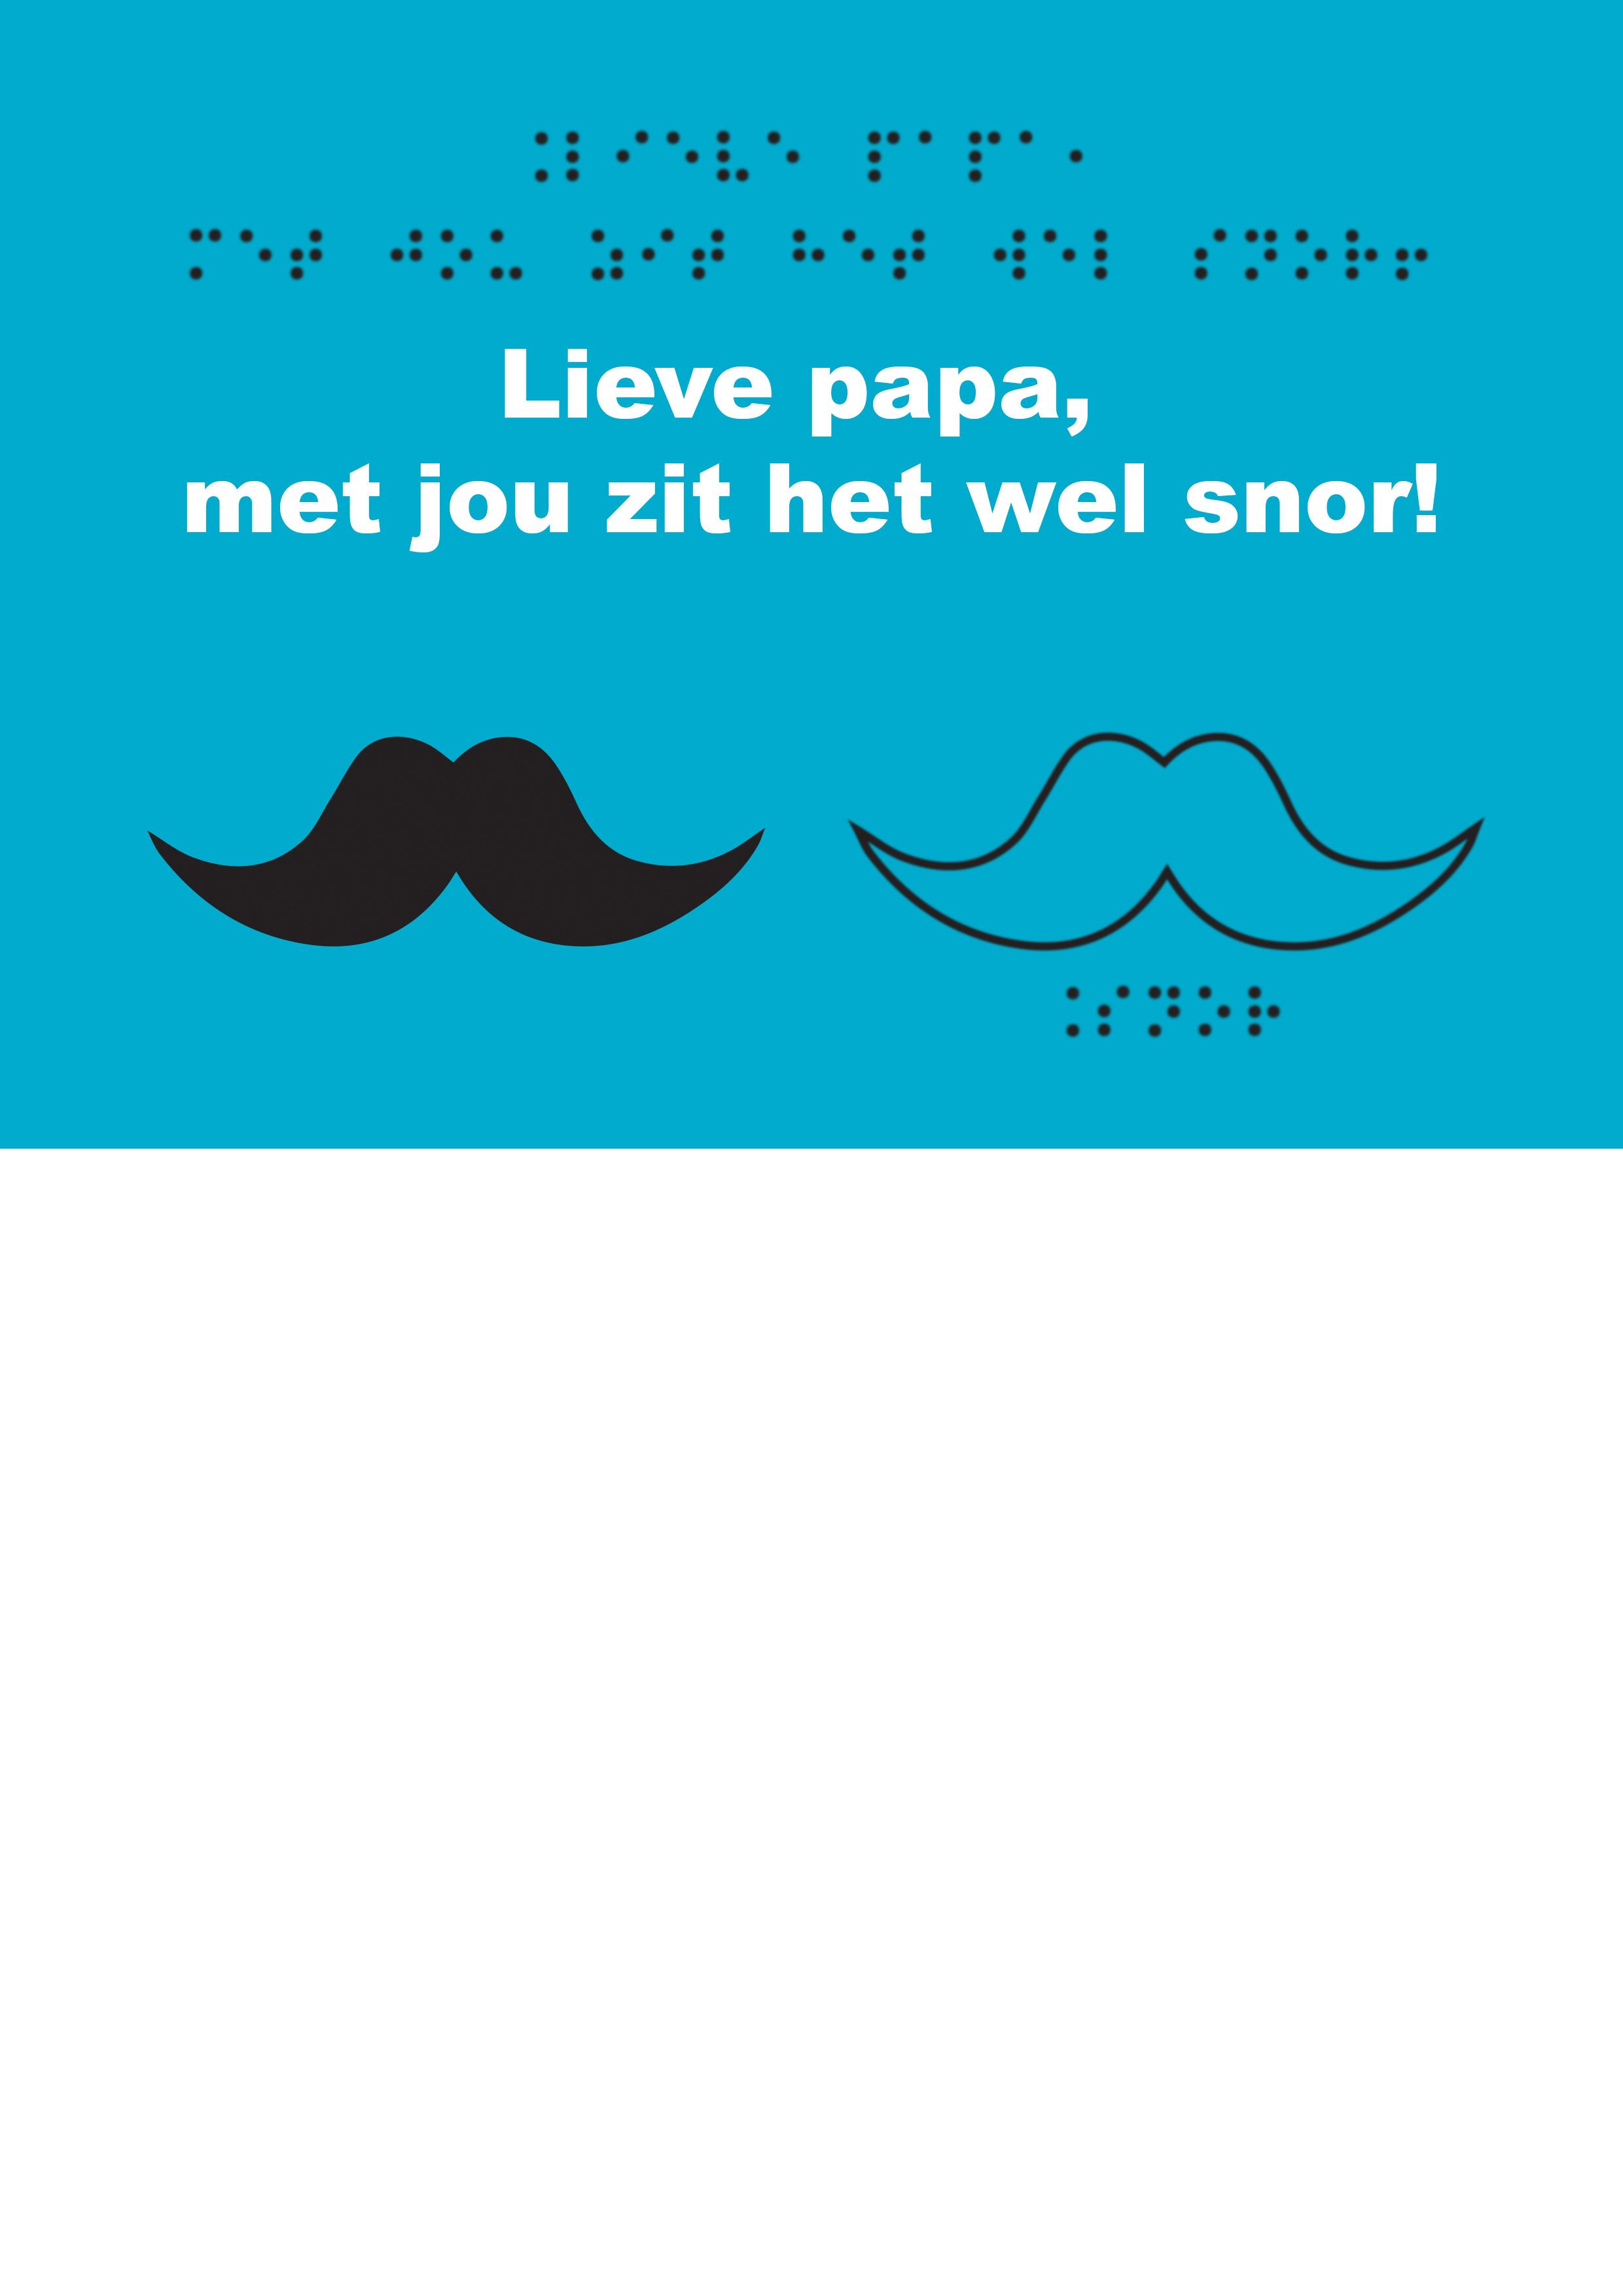 Voelbare wenskaart met braille en reliëf. In braille de tekst: Lieve papa, met jou zit het wel snor! Met een voelbare afbeelding van een snor.